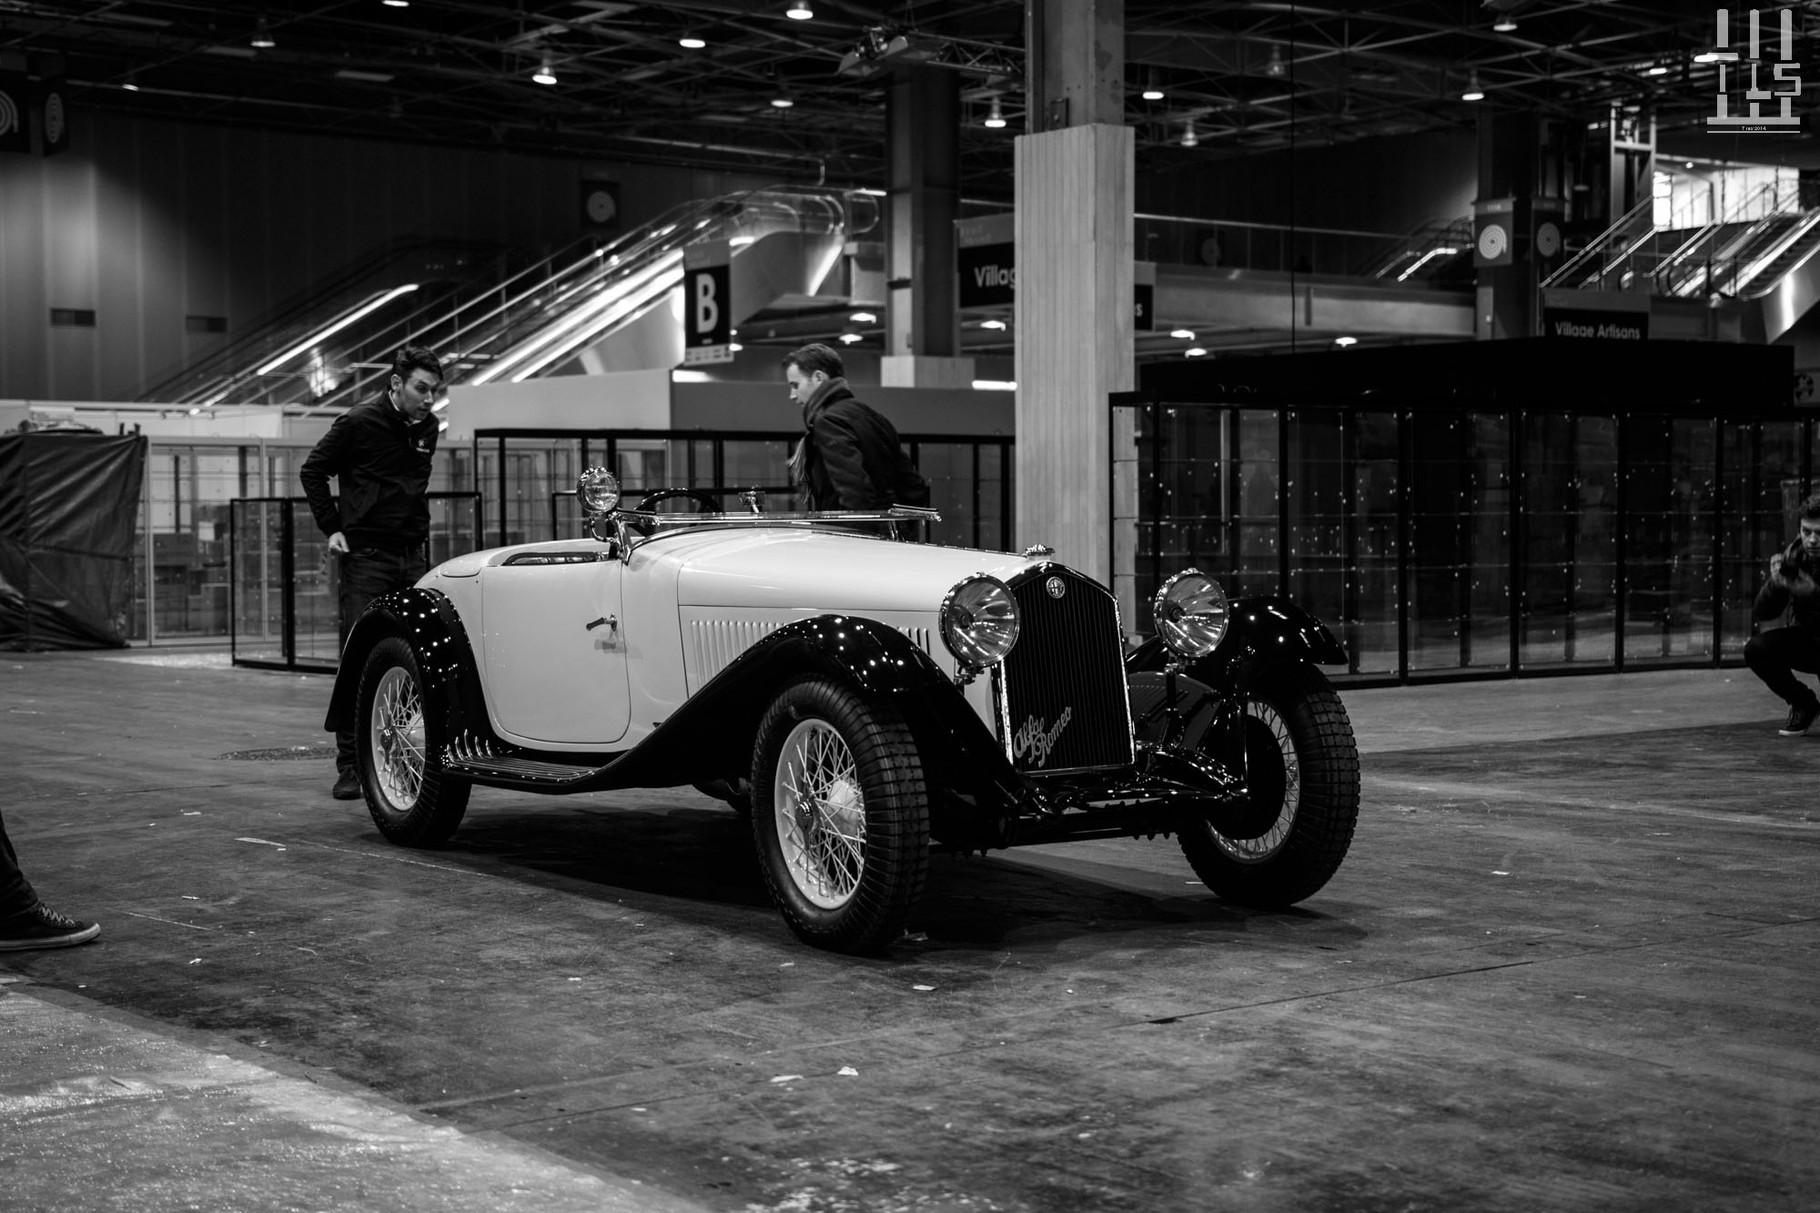 Alfa Romeo 6C 1750 Grand Sport carrosserie Figoni, présentée au salon de Paris 1933. Cette année, on la retrouve chez Fiskens.